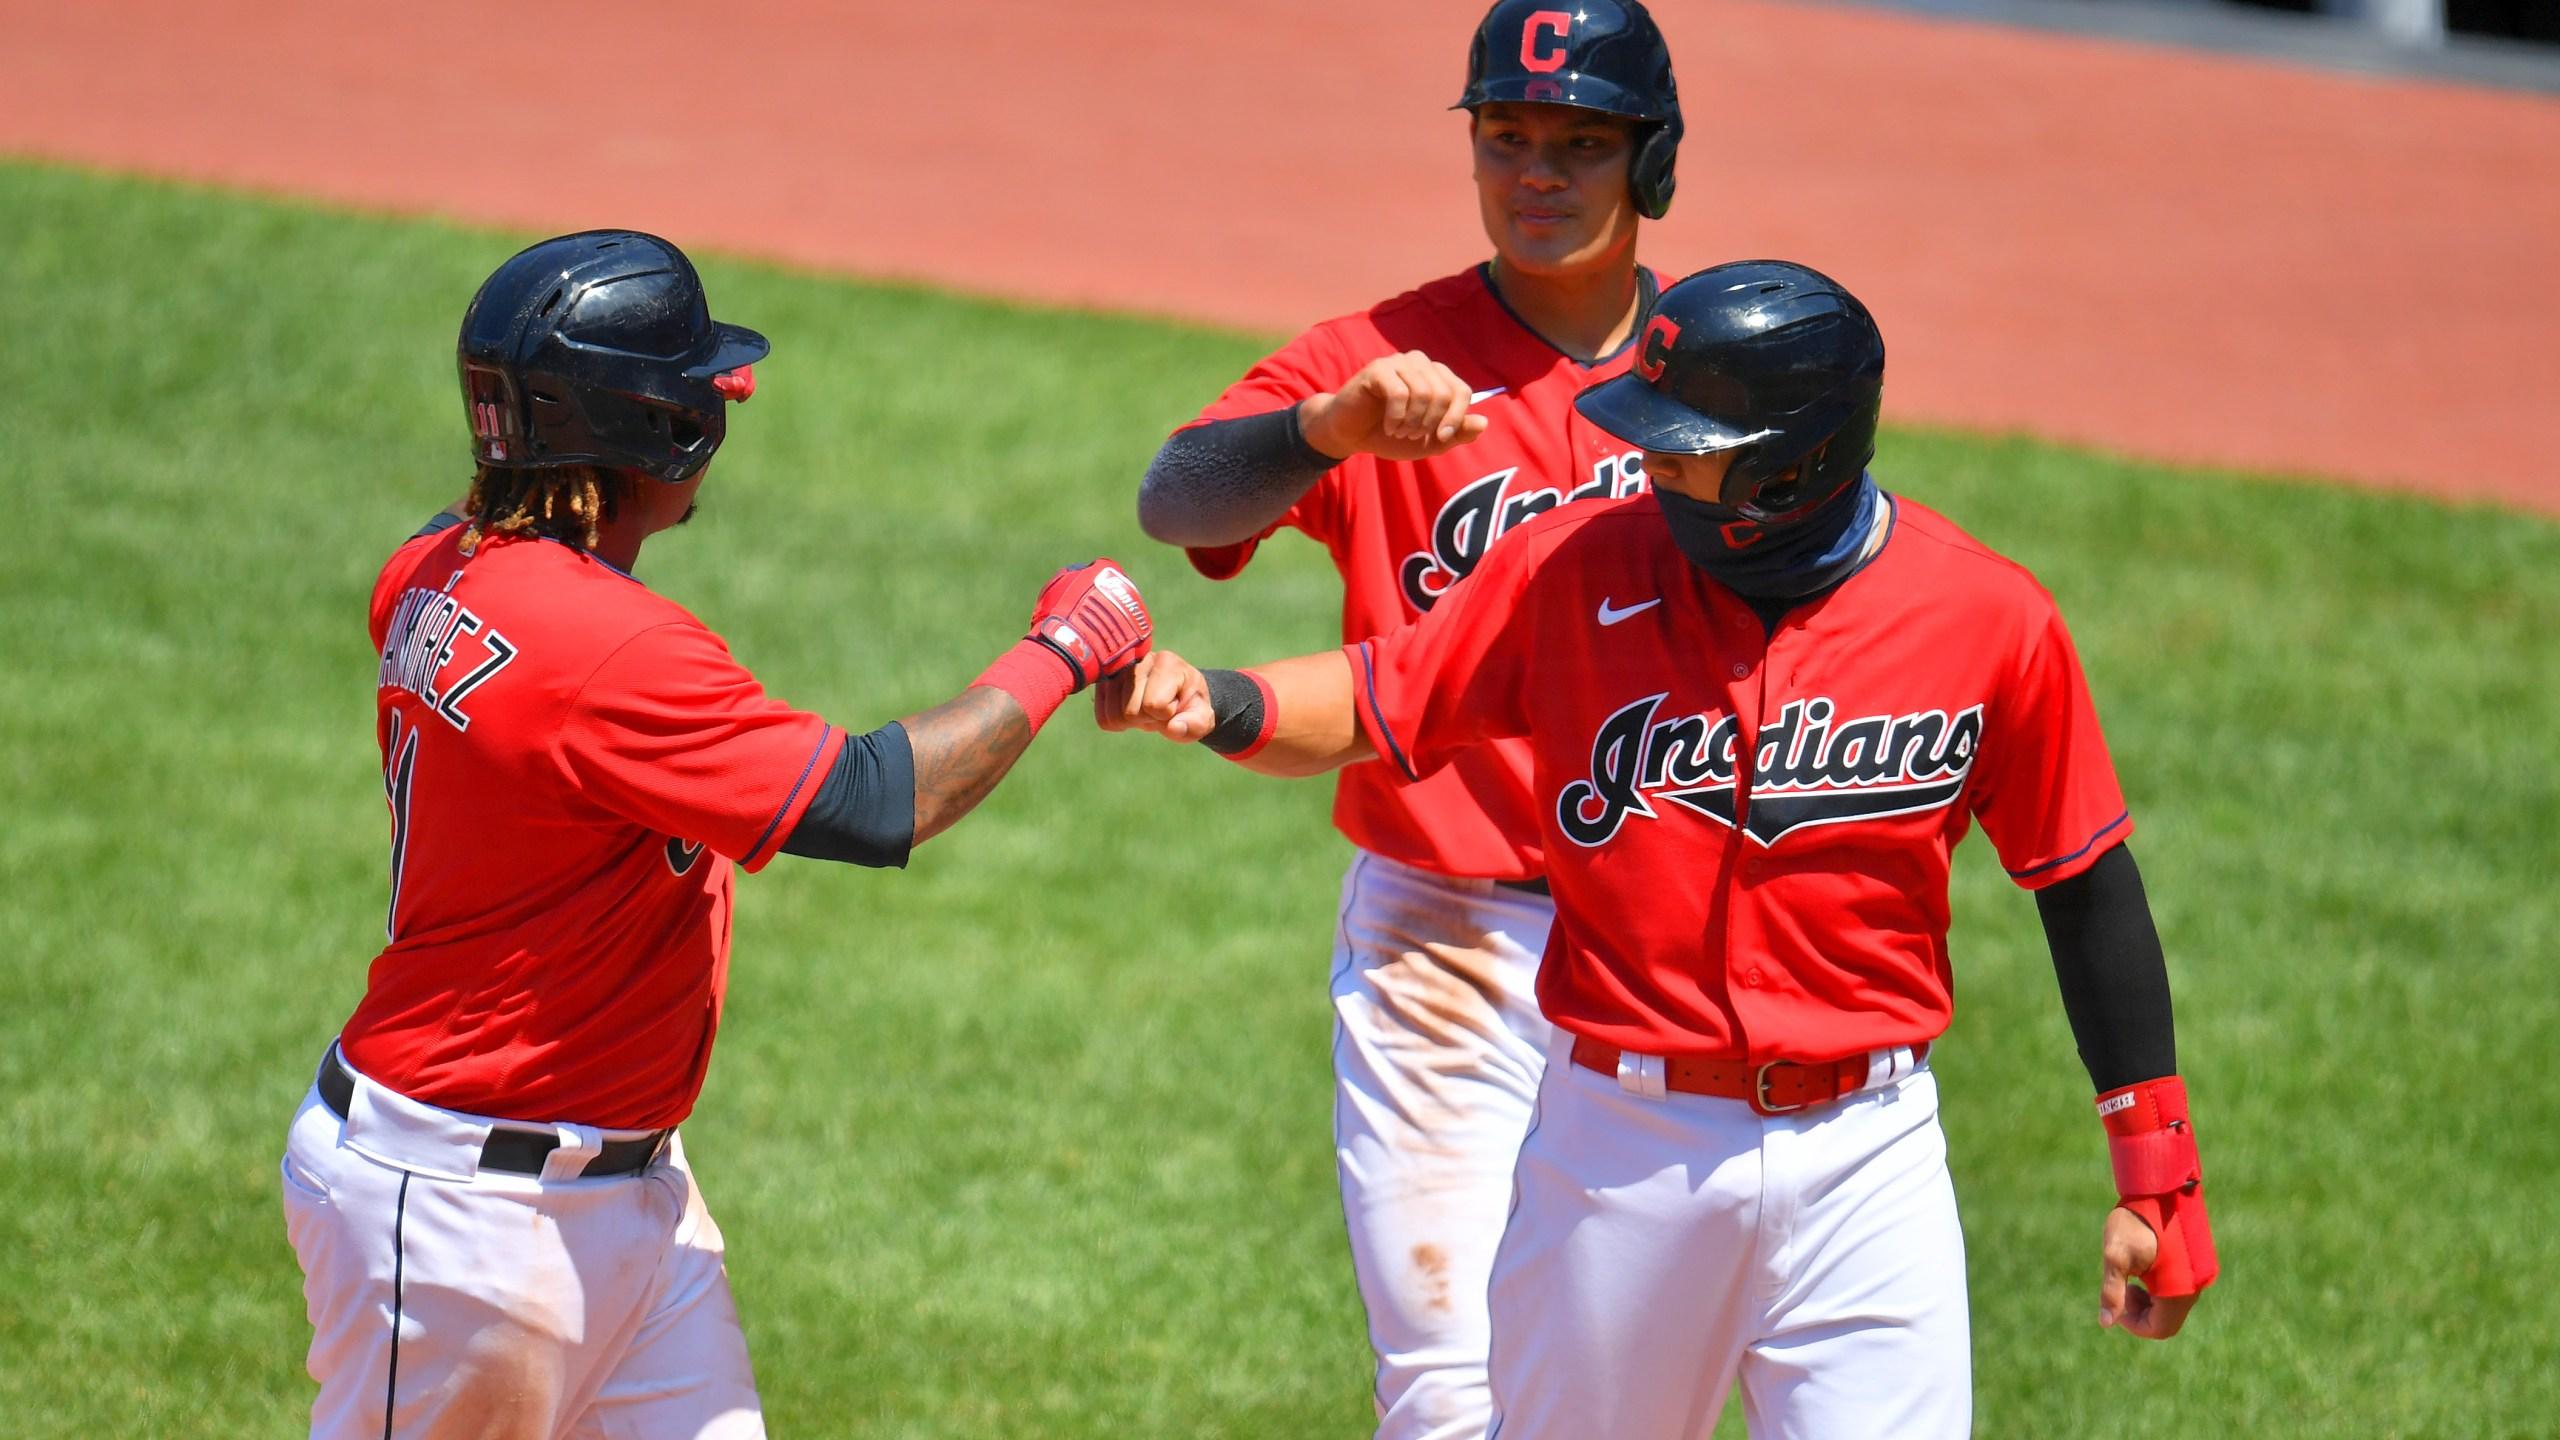 Jose Ramirez #11 of the Cleveland Indians celebrates